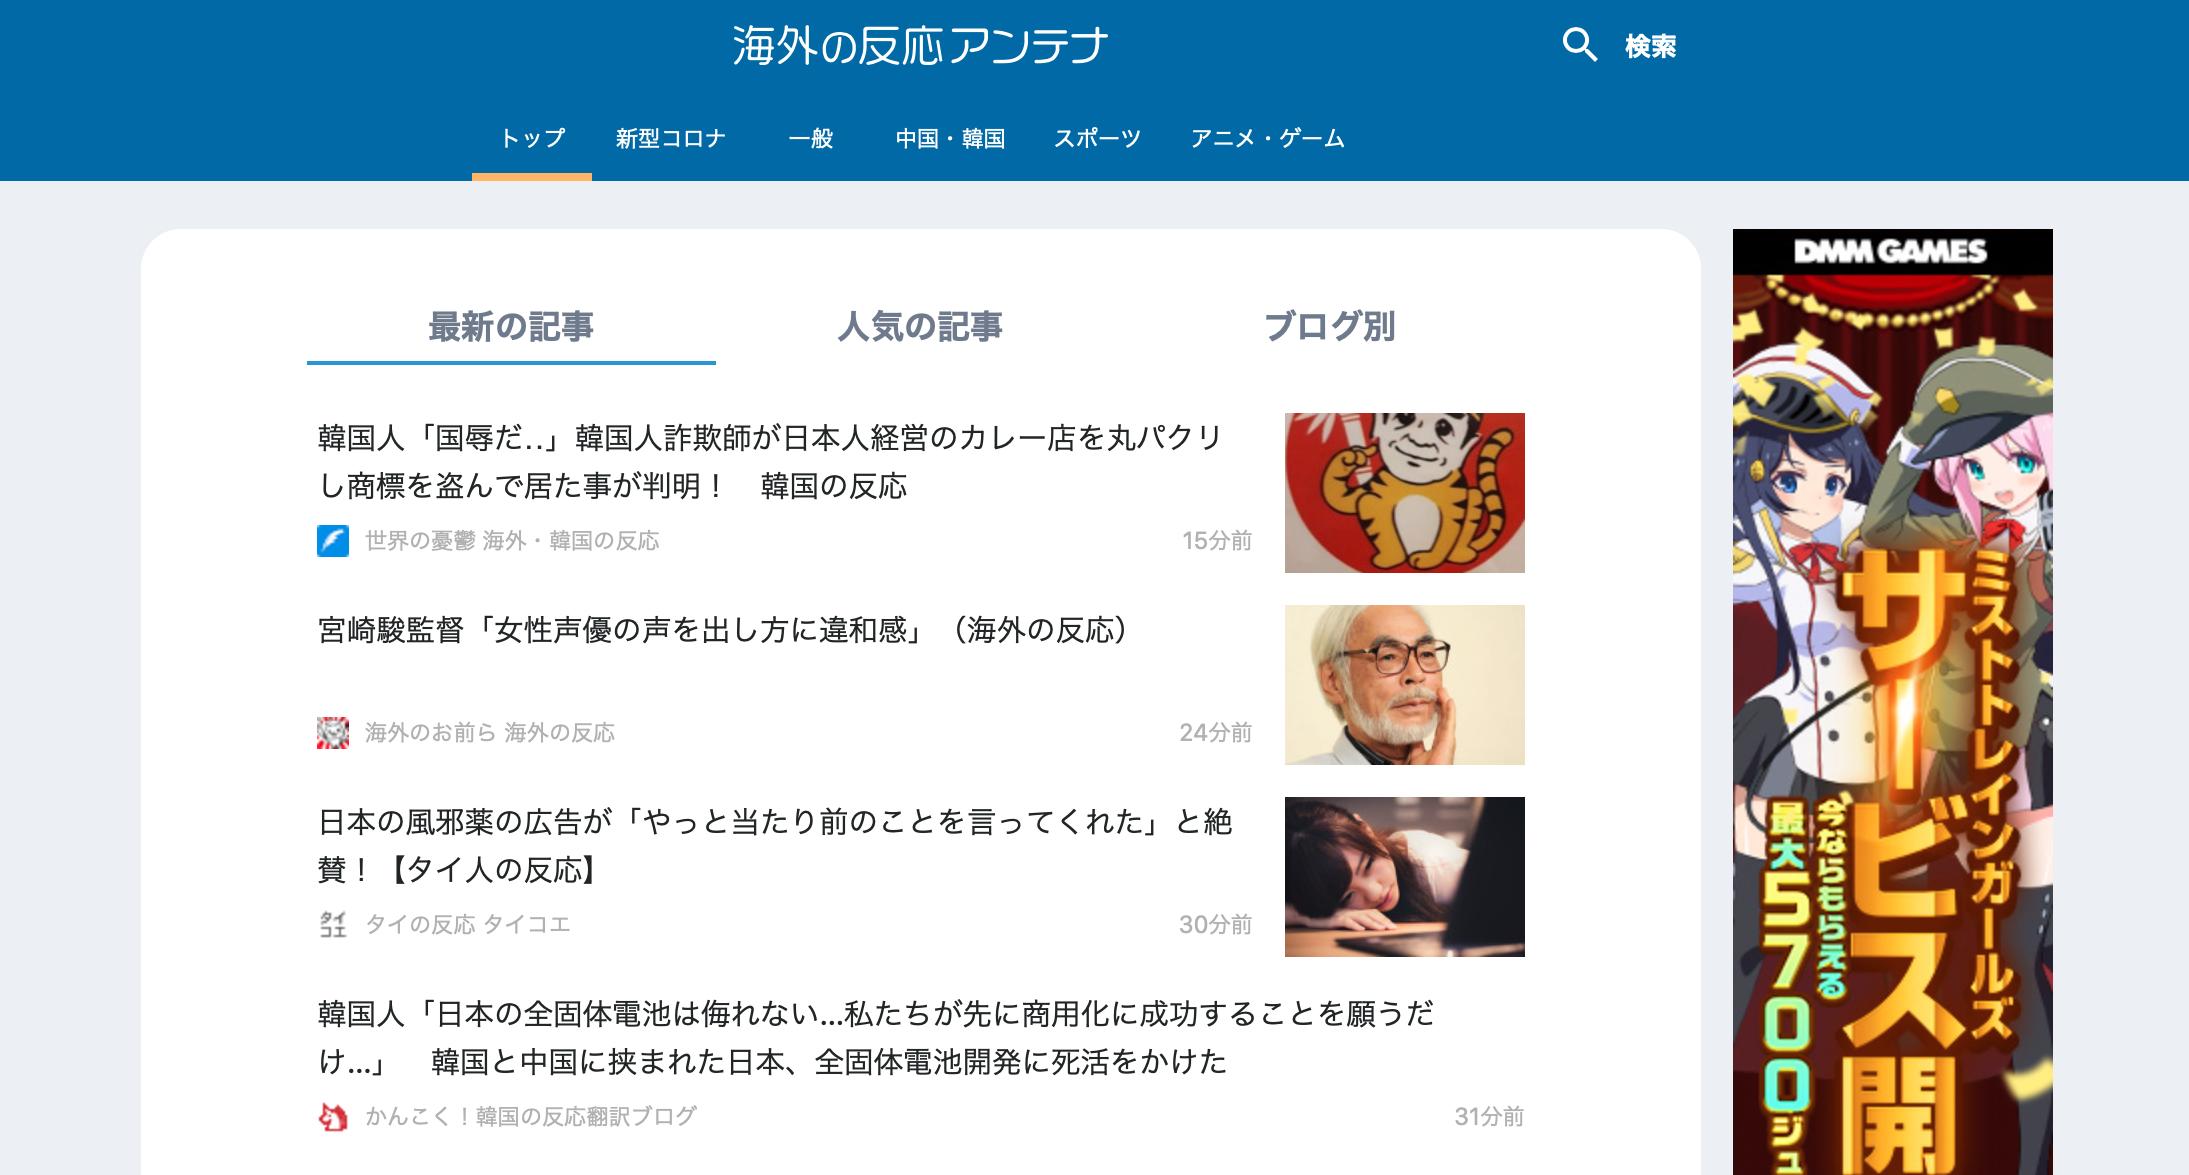 海外 の 反応 ブログ アンテナ